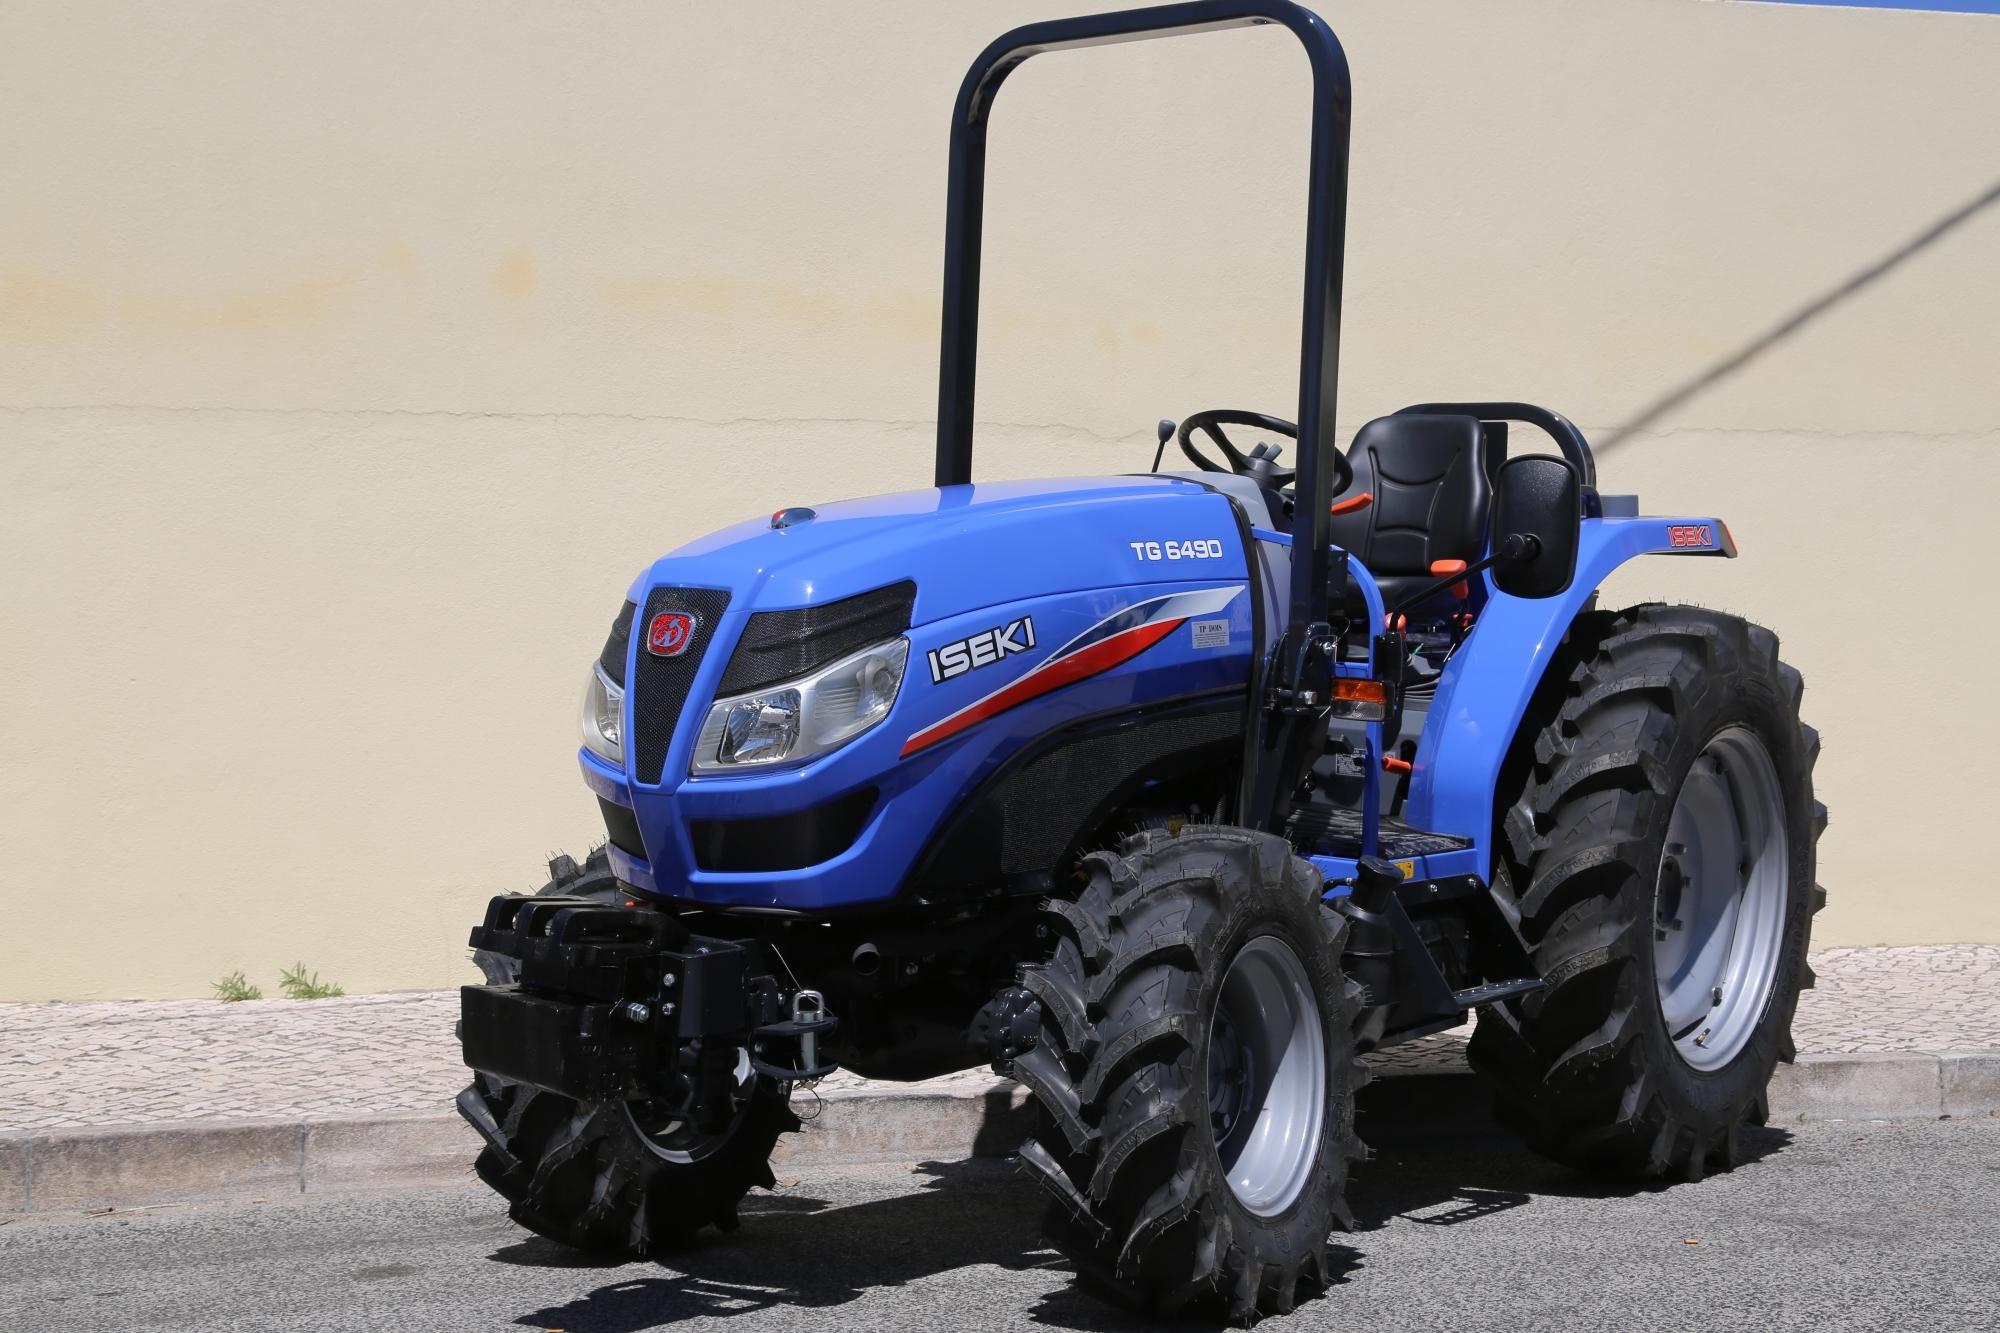 kompaktni-malotraktor-iseki-tg-6490-ahl-0